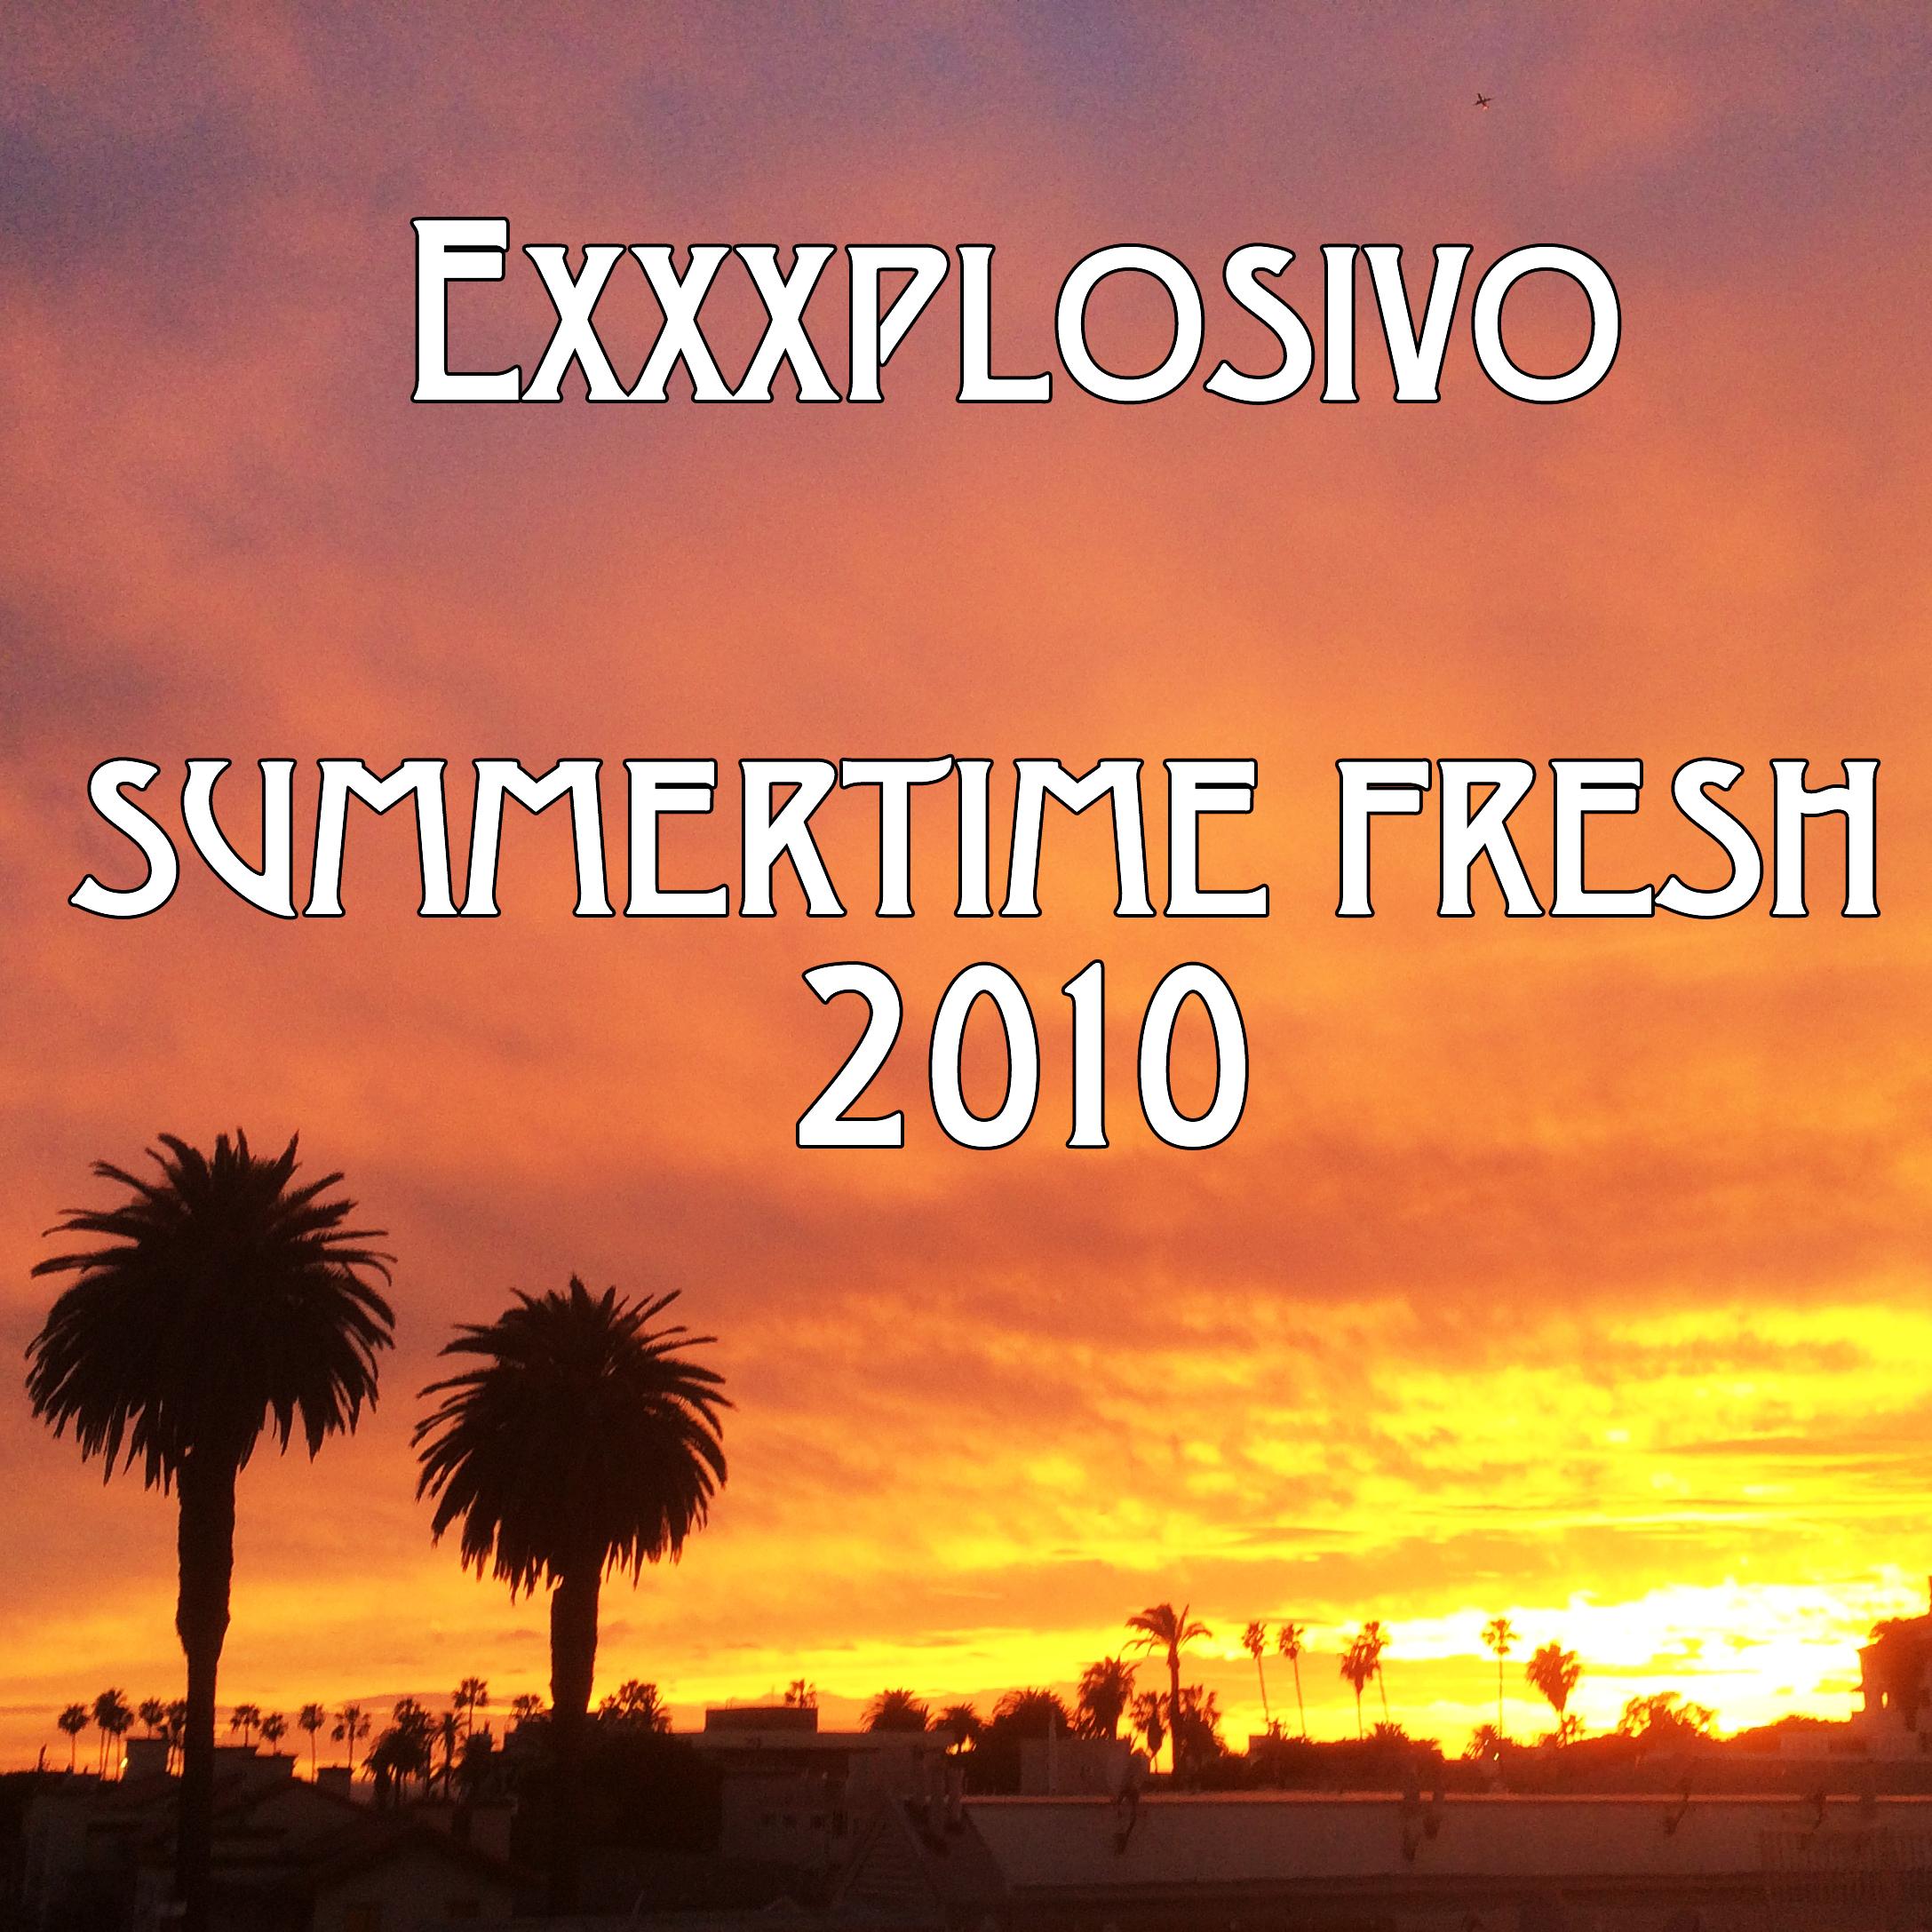 Summertime Fresh 2010